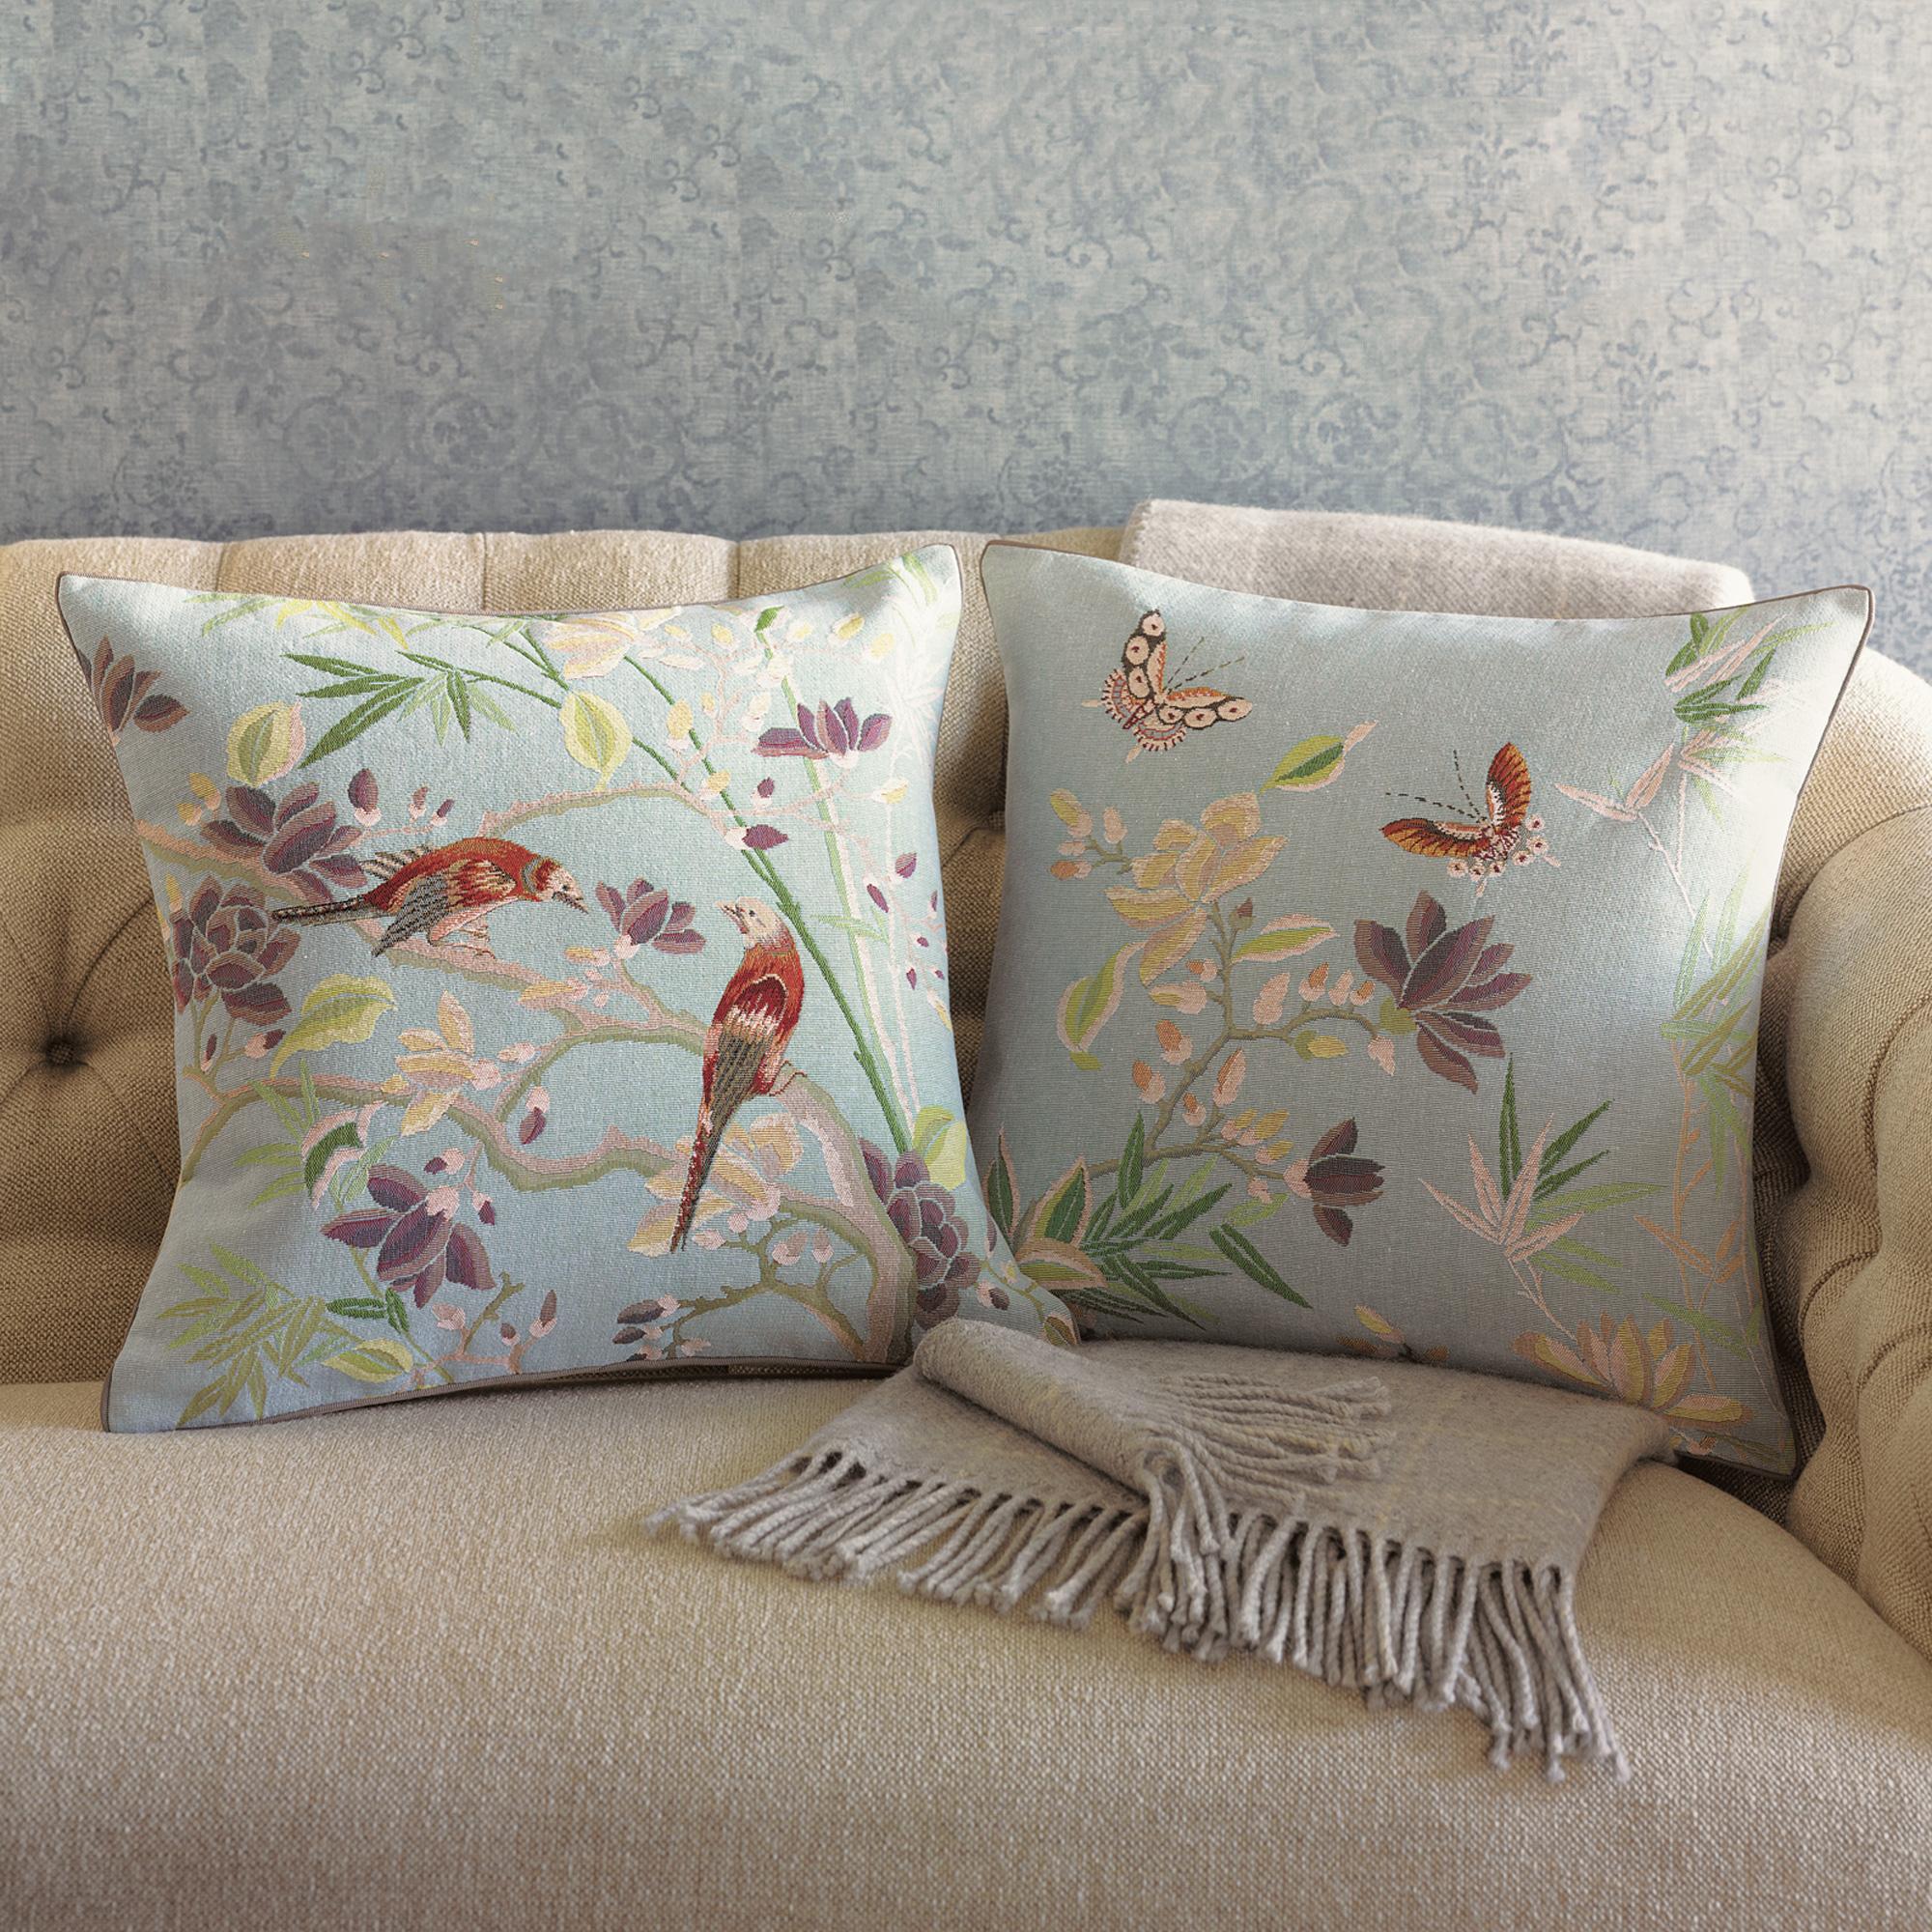 Bird & Butterfly Pillows Gump s